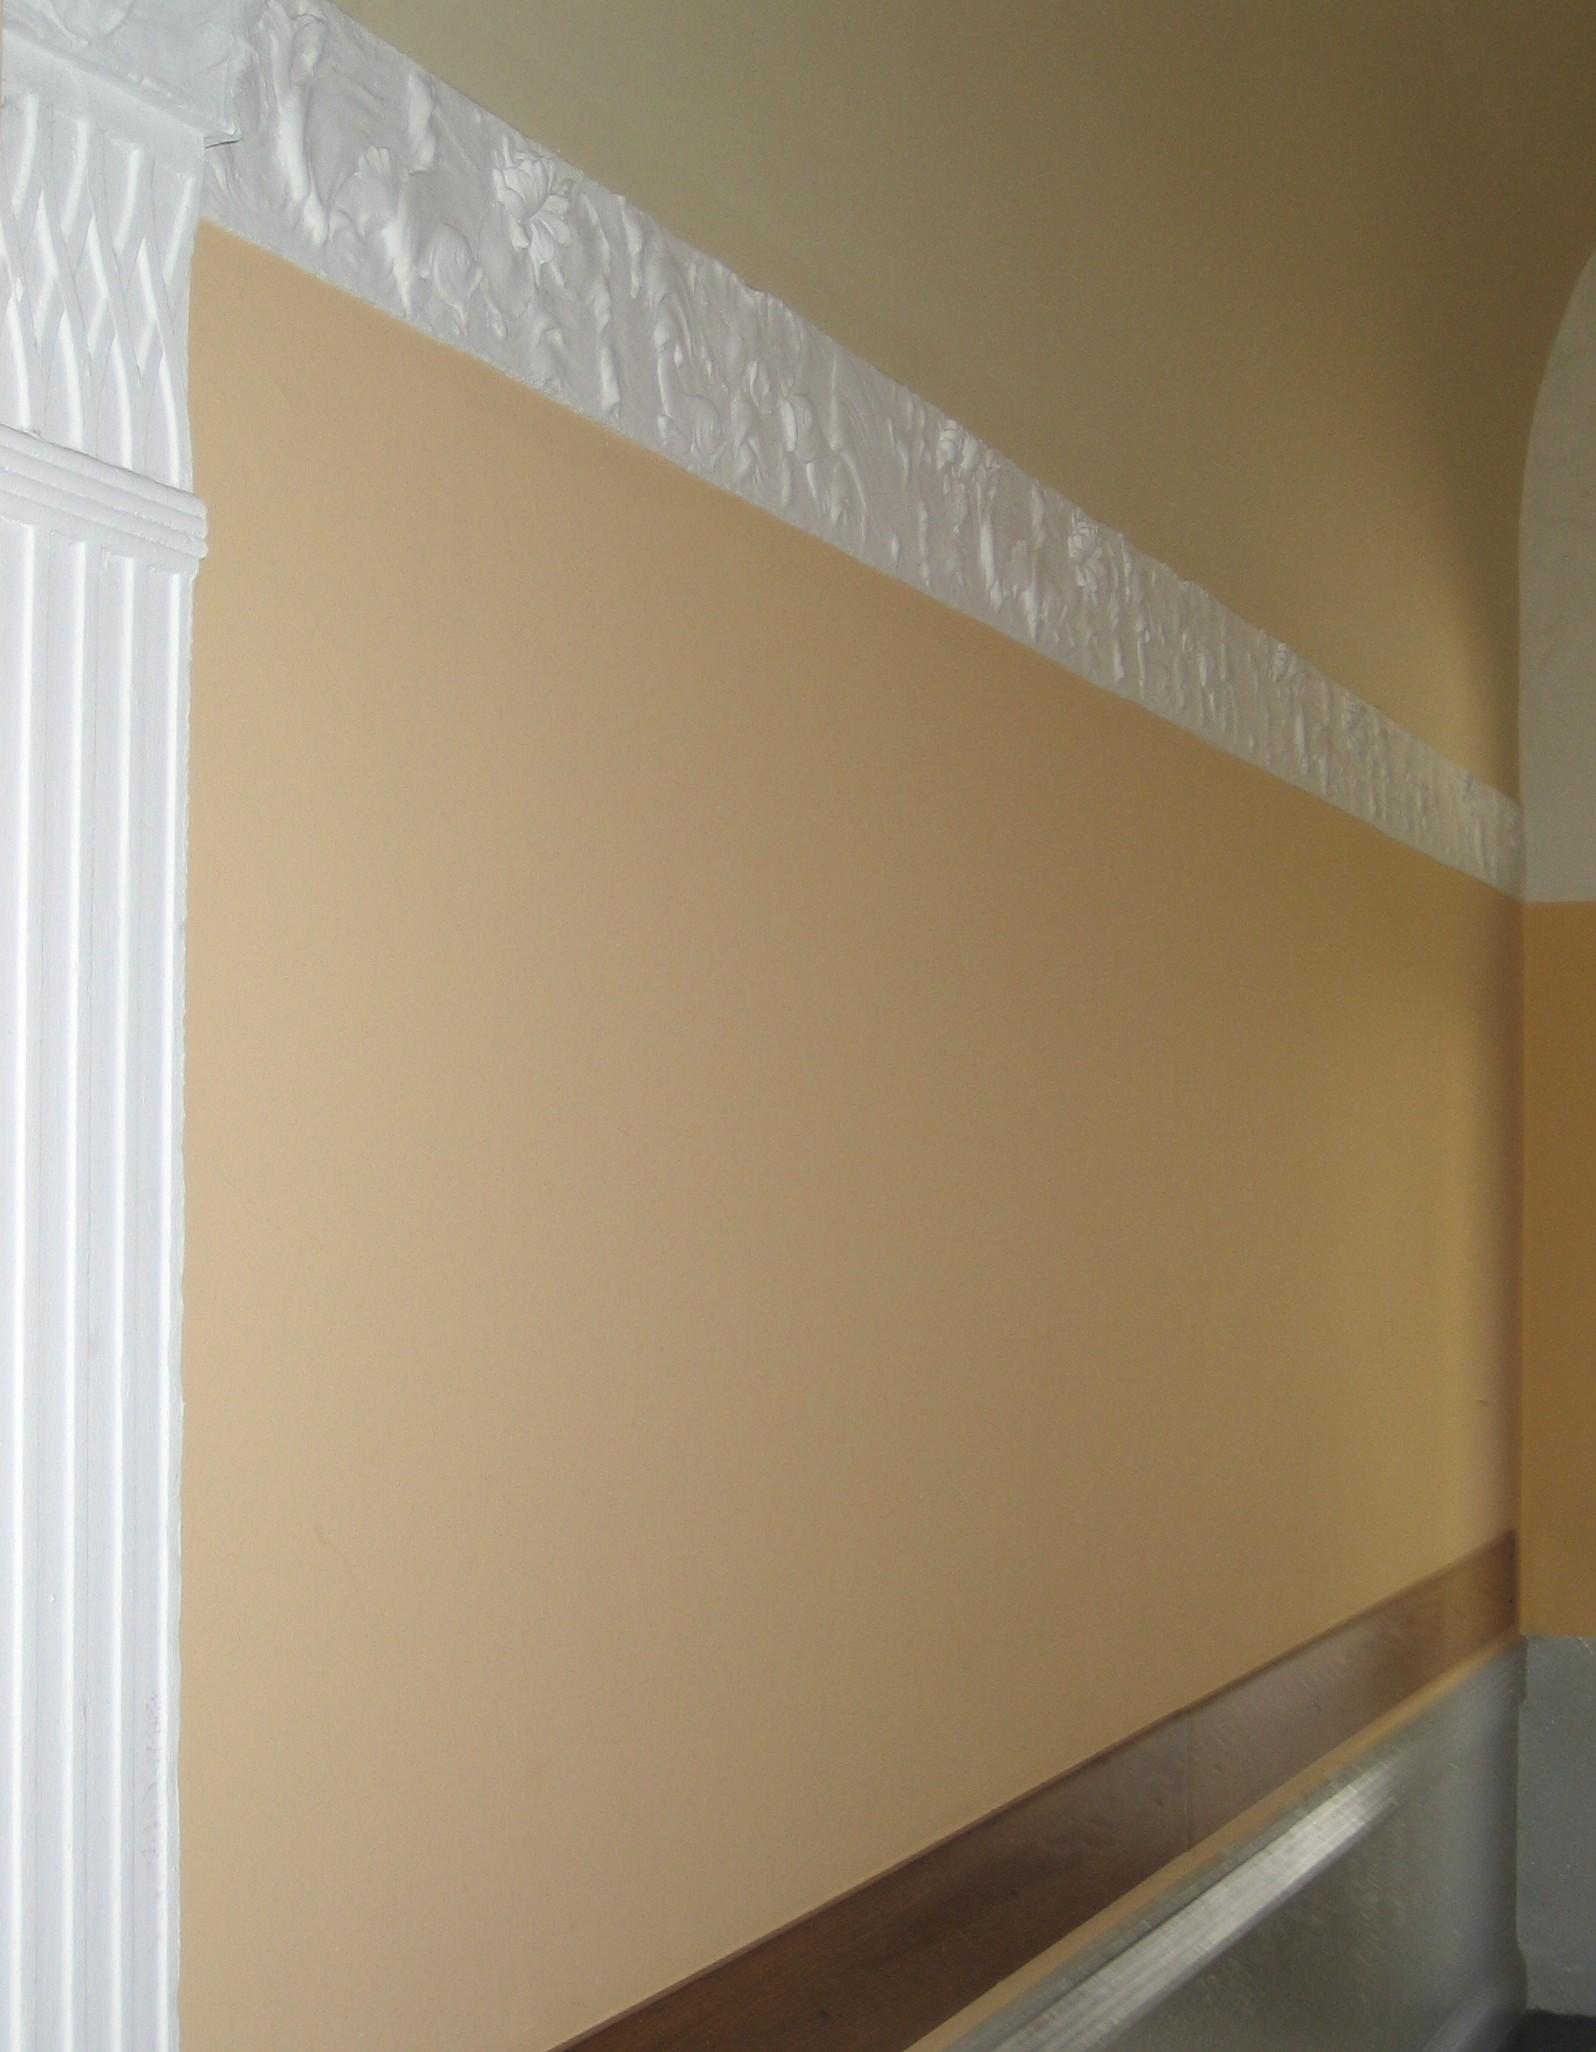 Treppenhaus Wandgestaltung, Wandgestaltung Treppenhaus Einfamilienhaus .